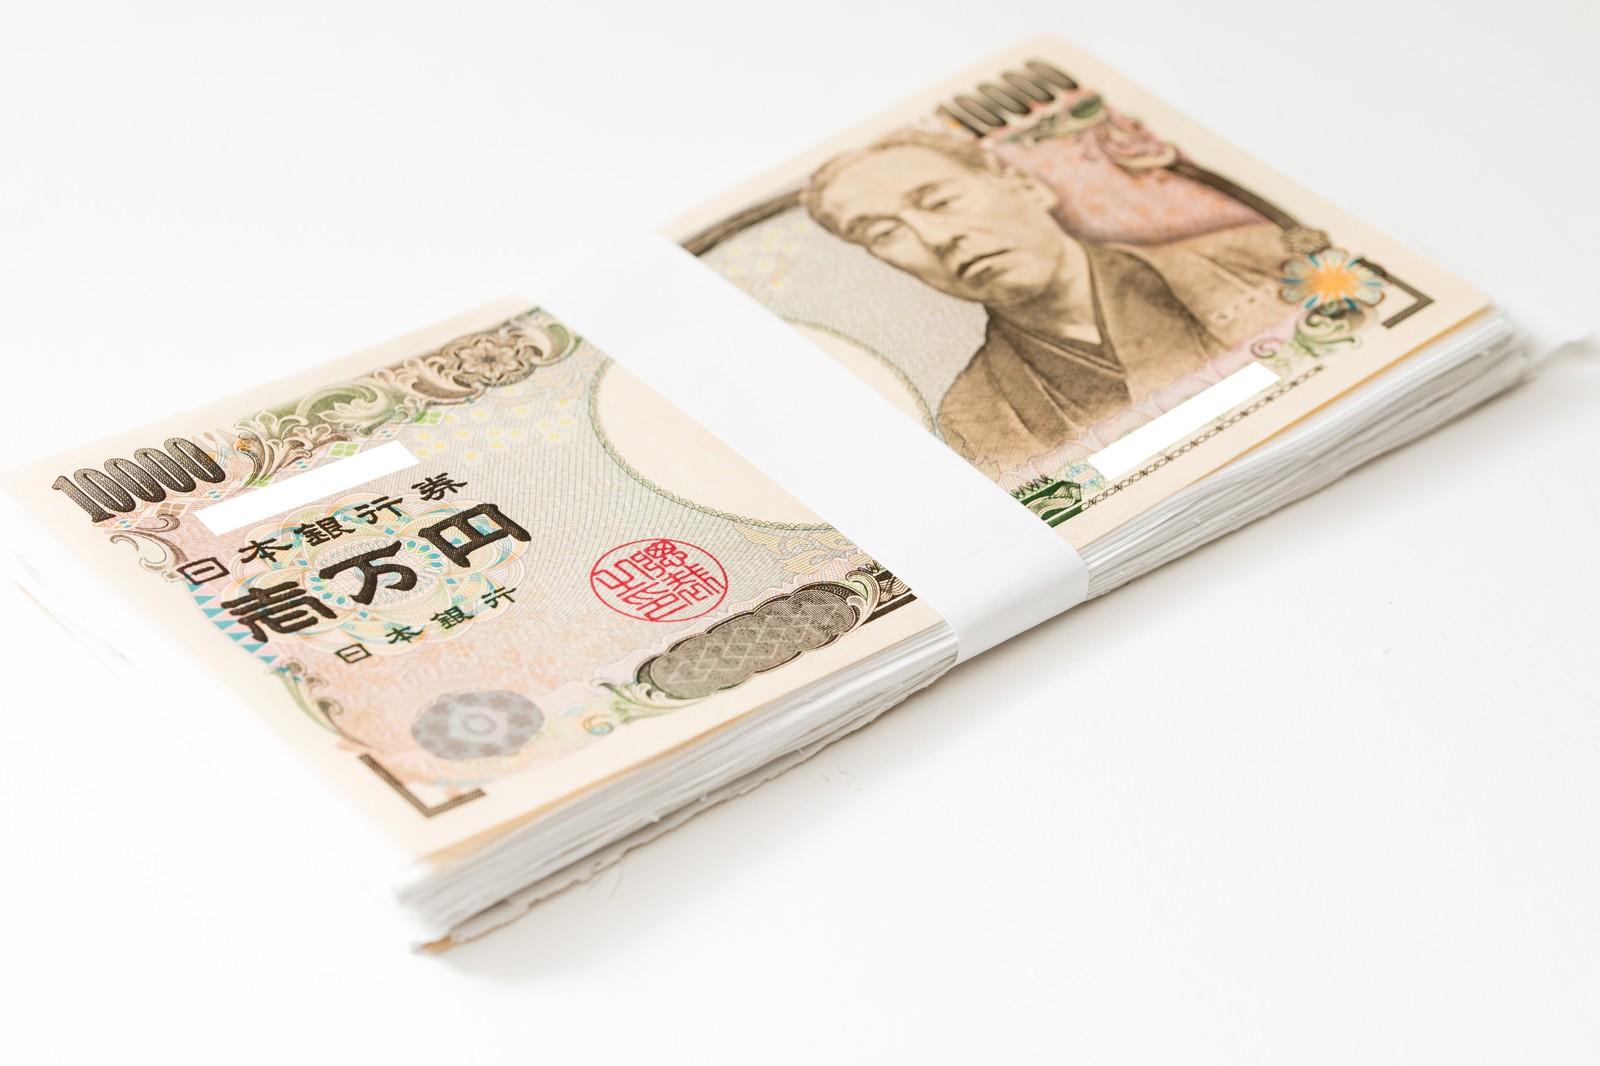 なぜ490万円を何もせず久保田はもらえたのか?